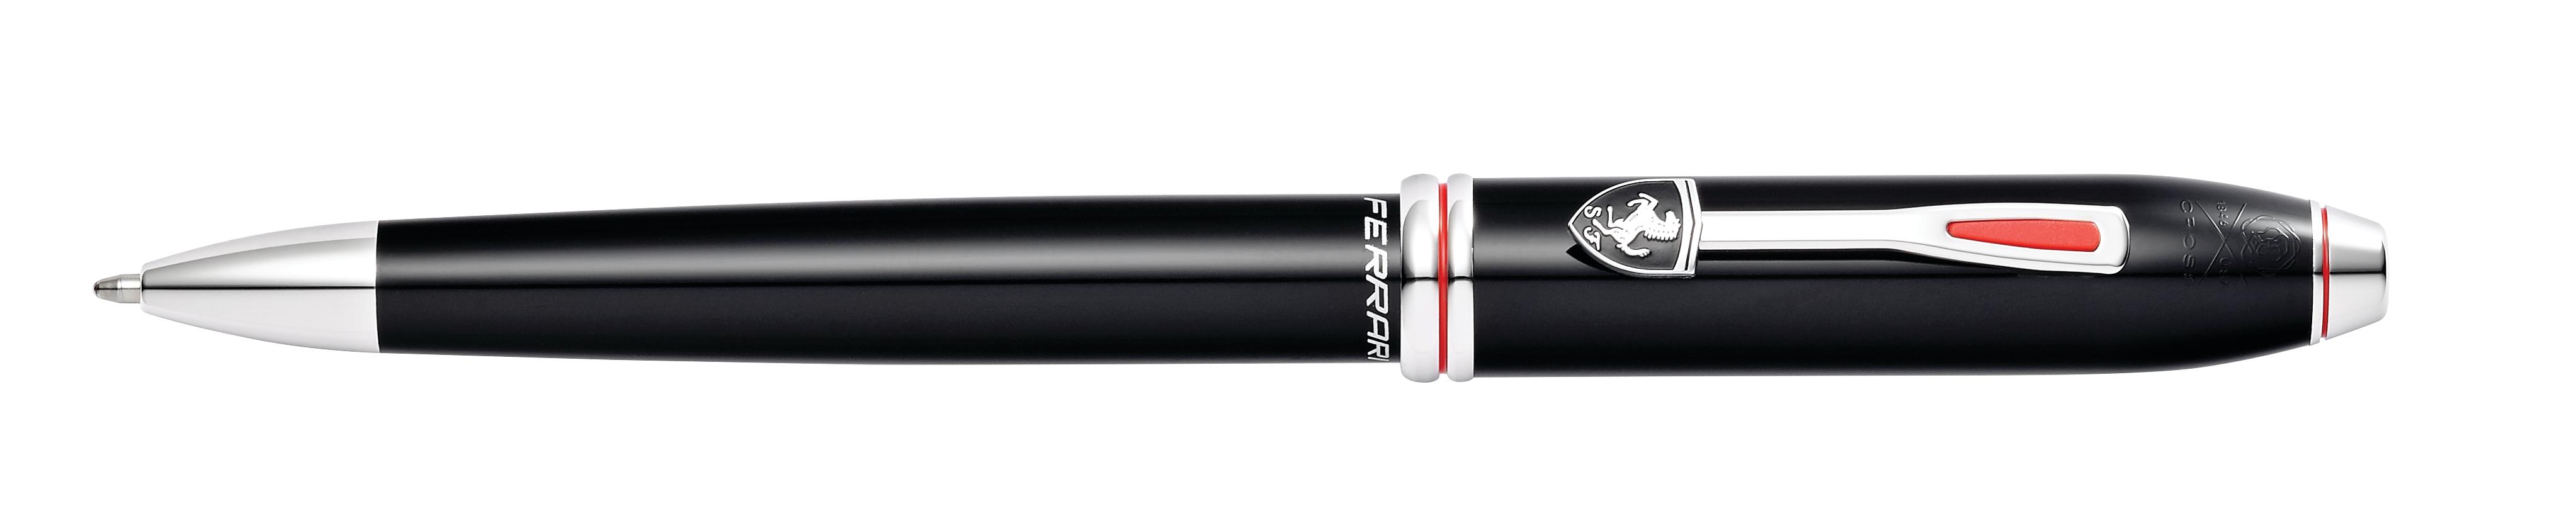 Cross Townsend Collection for Scuderia Ferrari Glossy Black Lacquer Ballpoint Pen